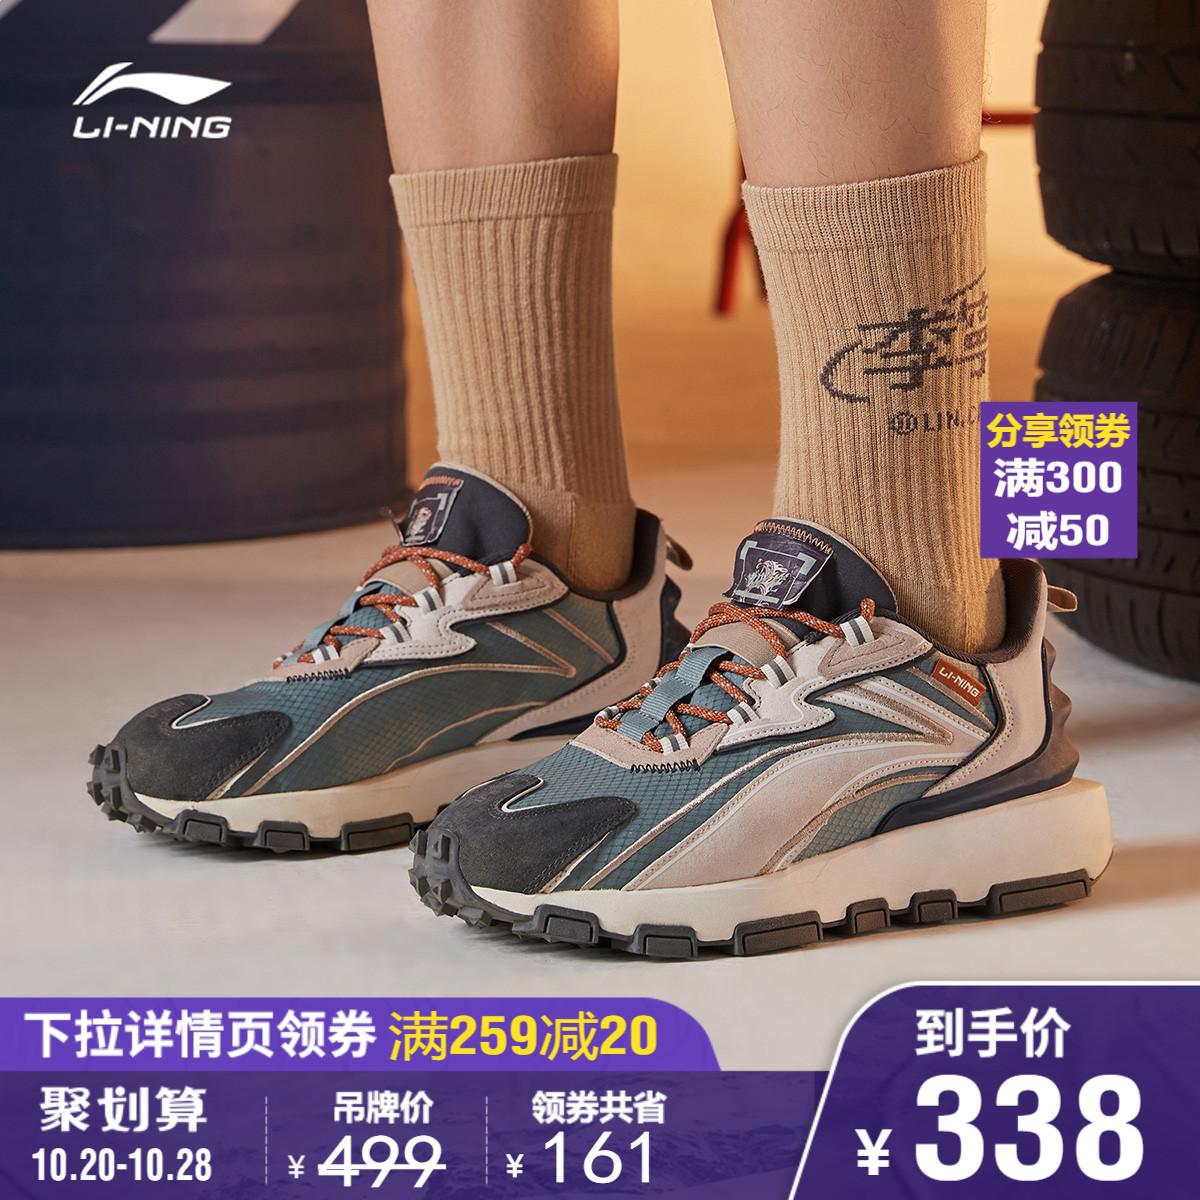 李宁休闲鞋男鞋官方旗舰正品2020冬季新款潮流鞋子复古男士运动鞋